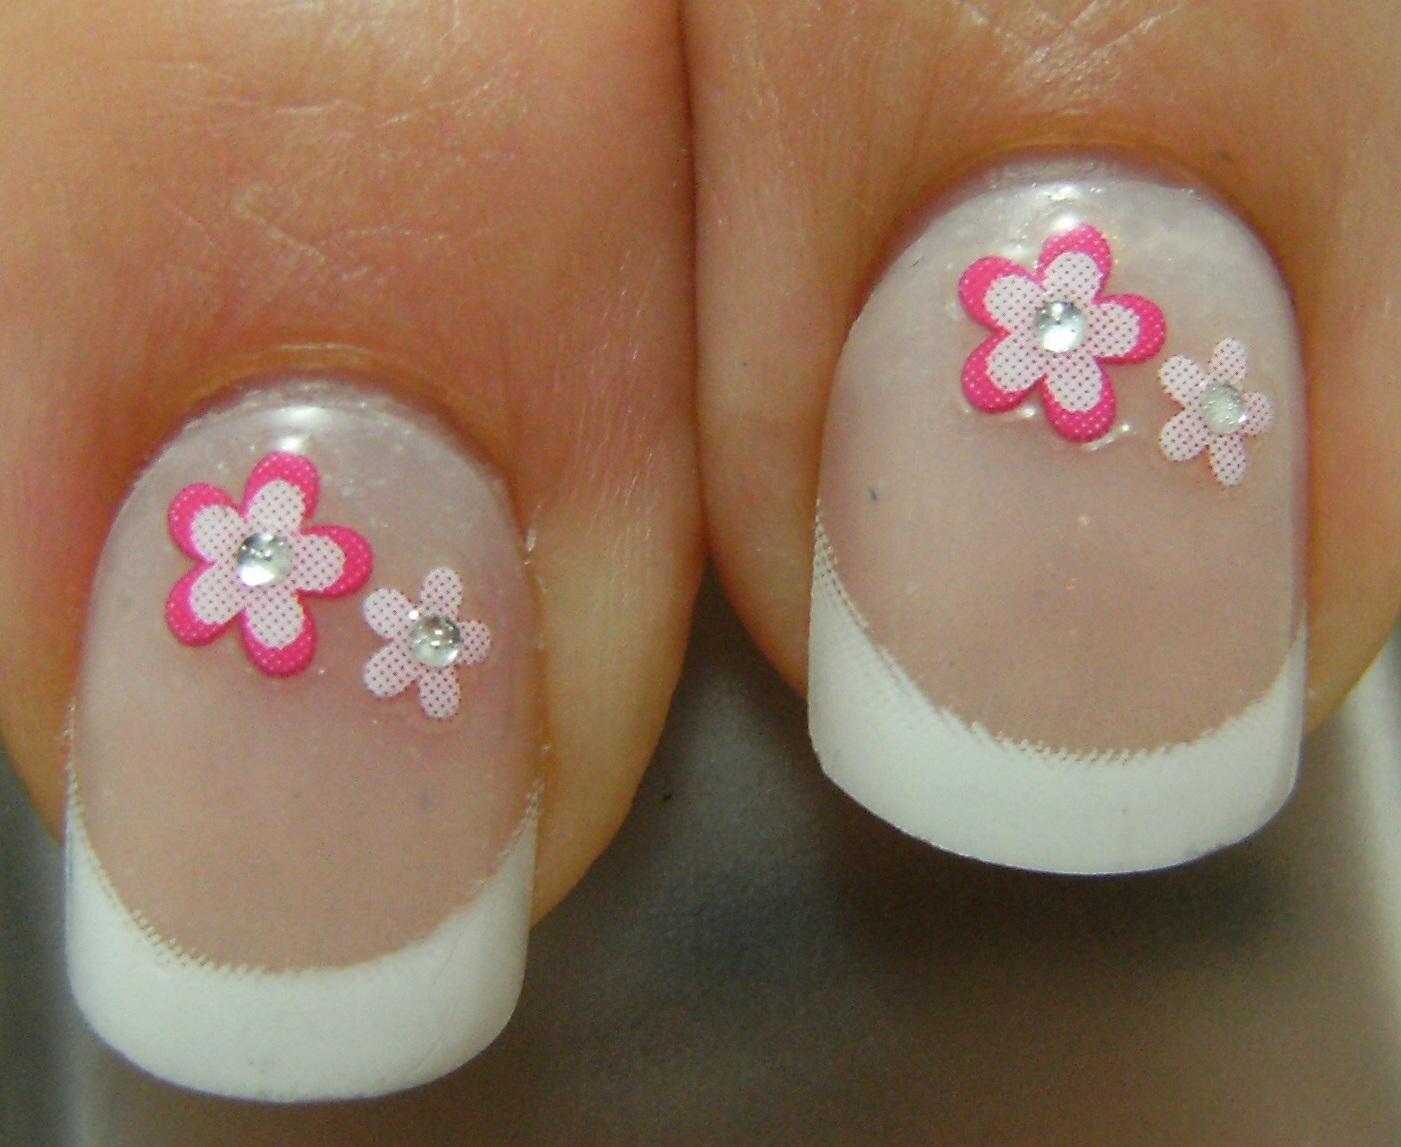 ♥ Nail Stickers & Nailene Nails Review ♥ - Make Beauty Nails